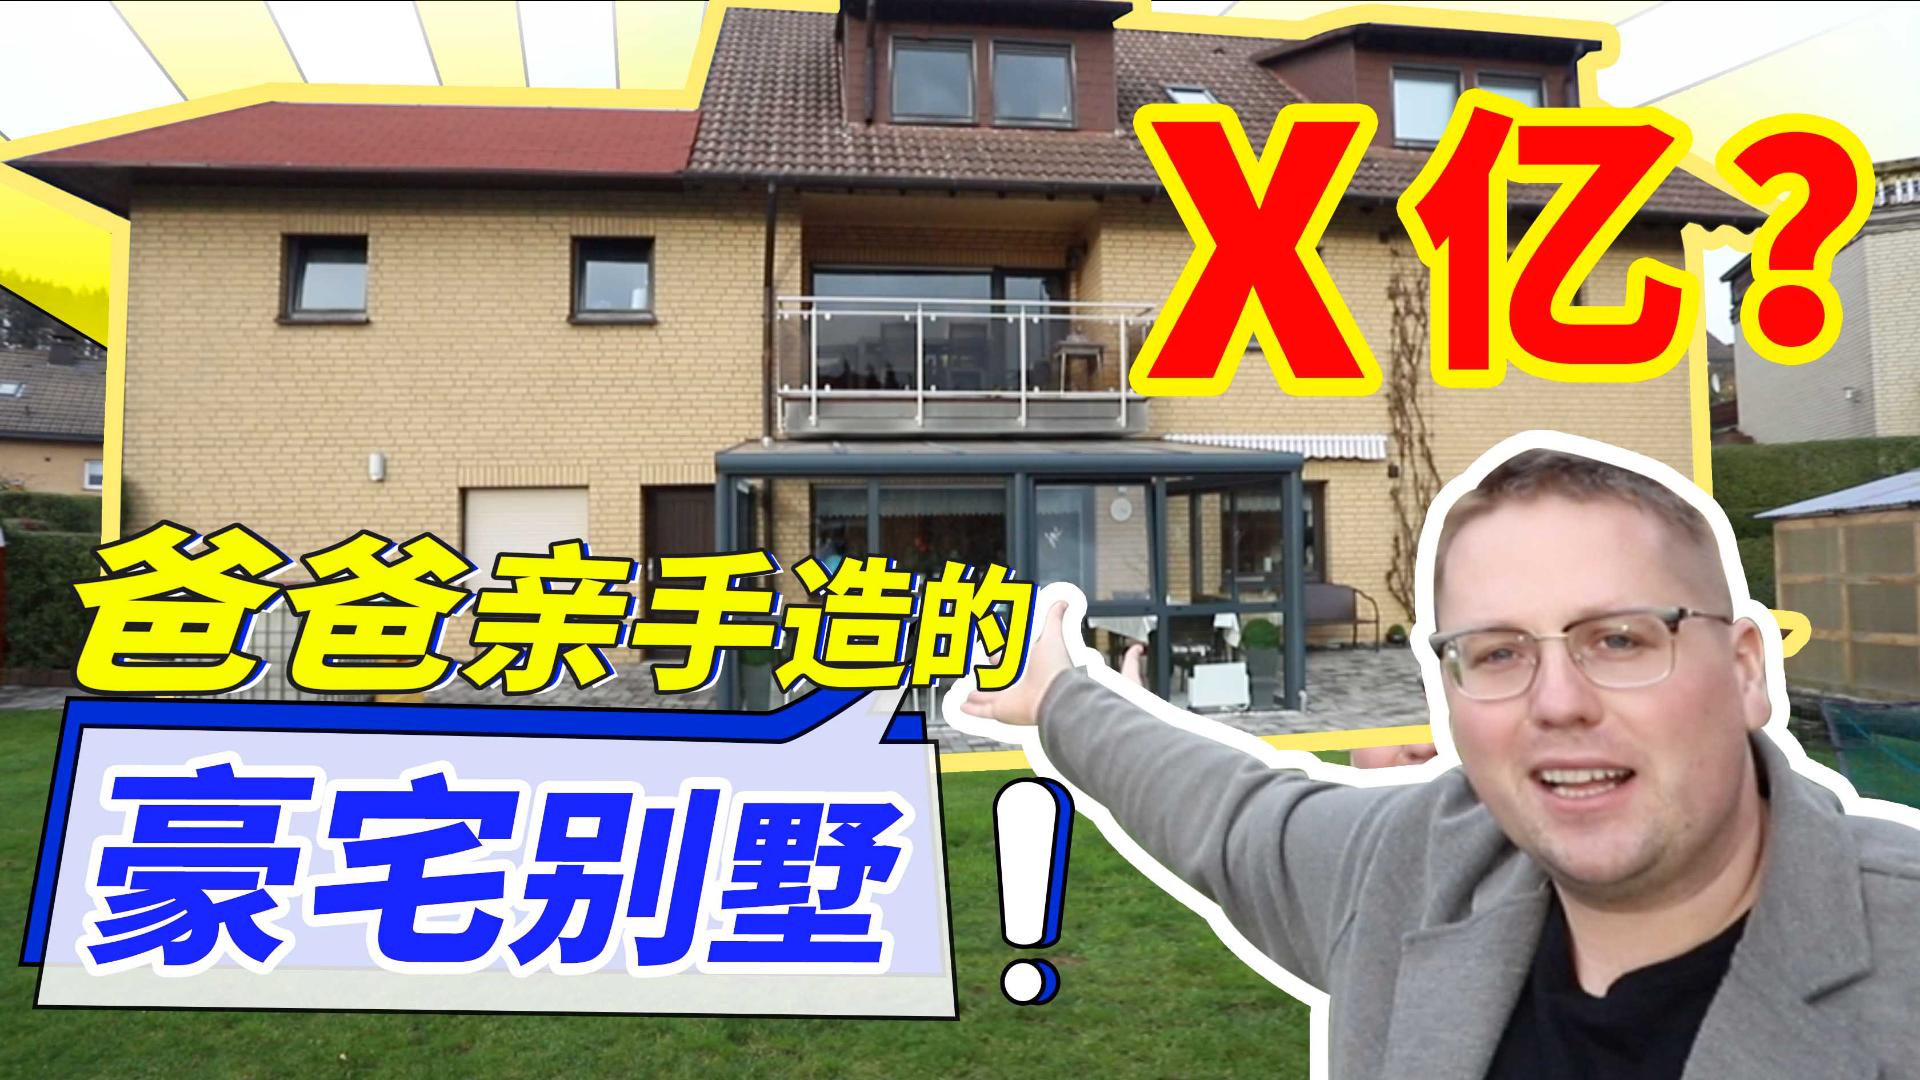 【阿福日记】买我爸爸亲手造的豪宅别墅要花几个亿吗?